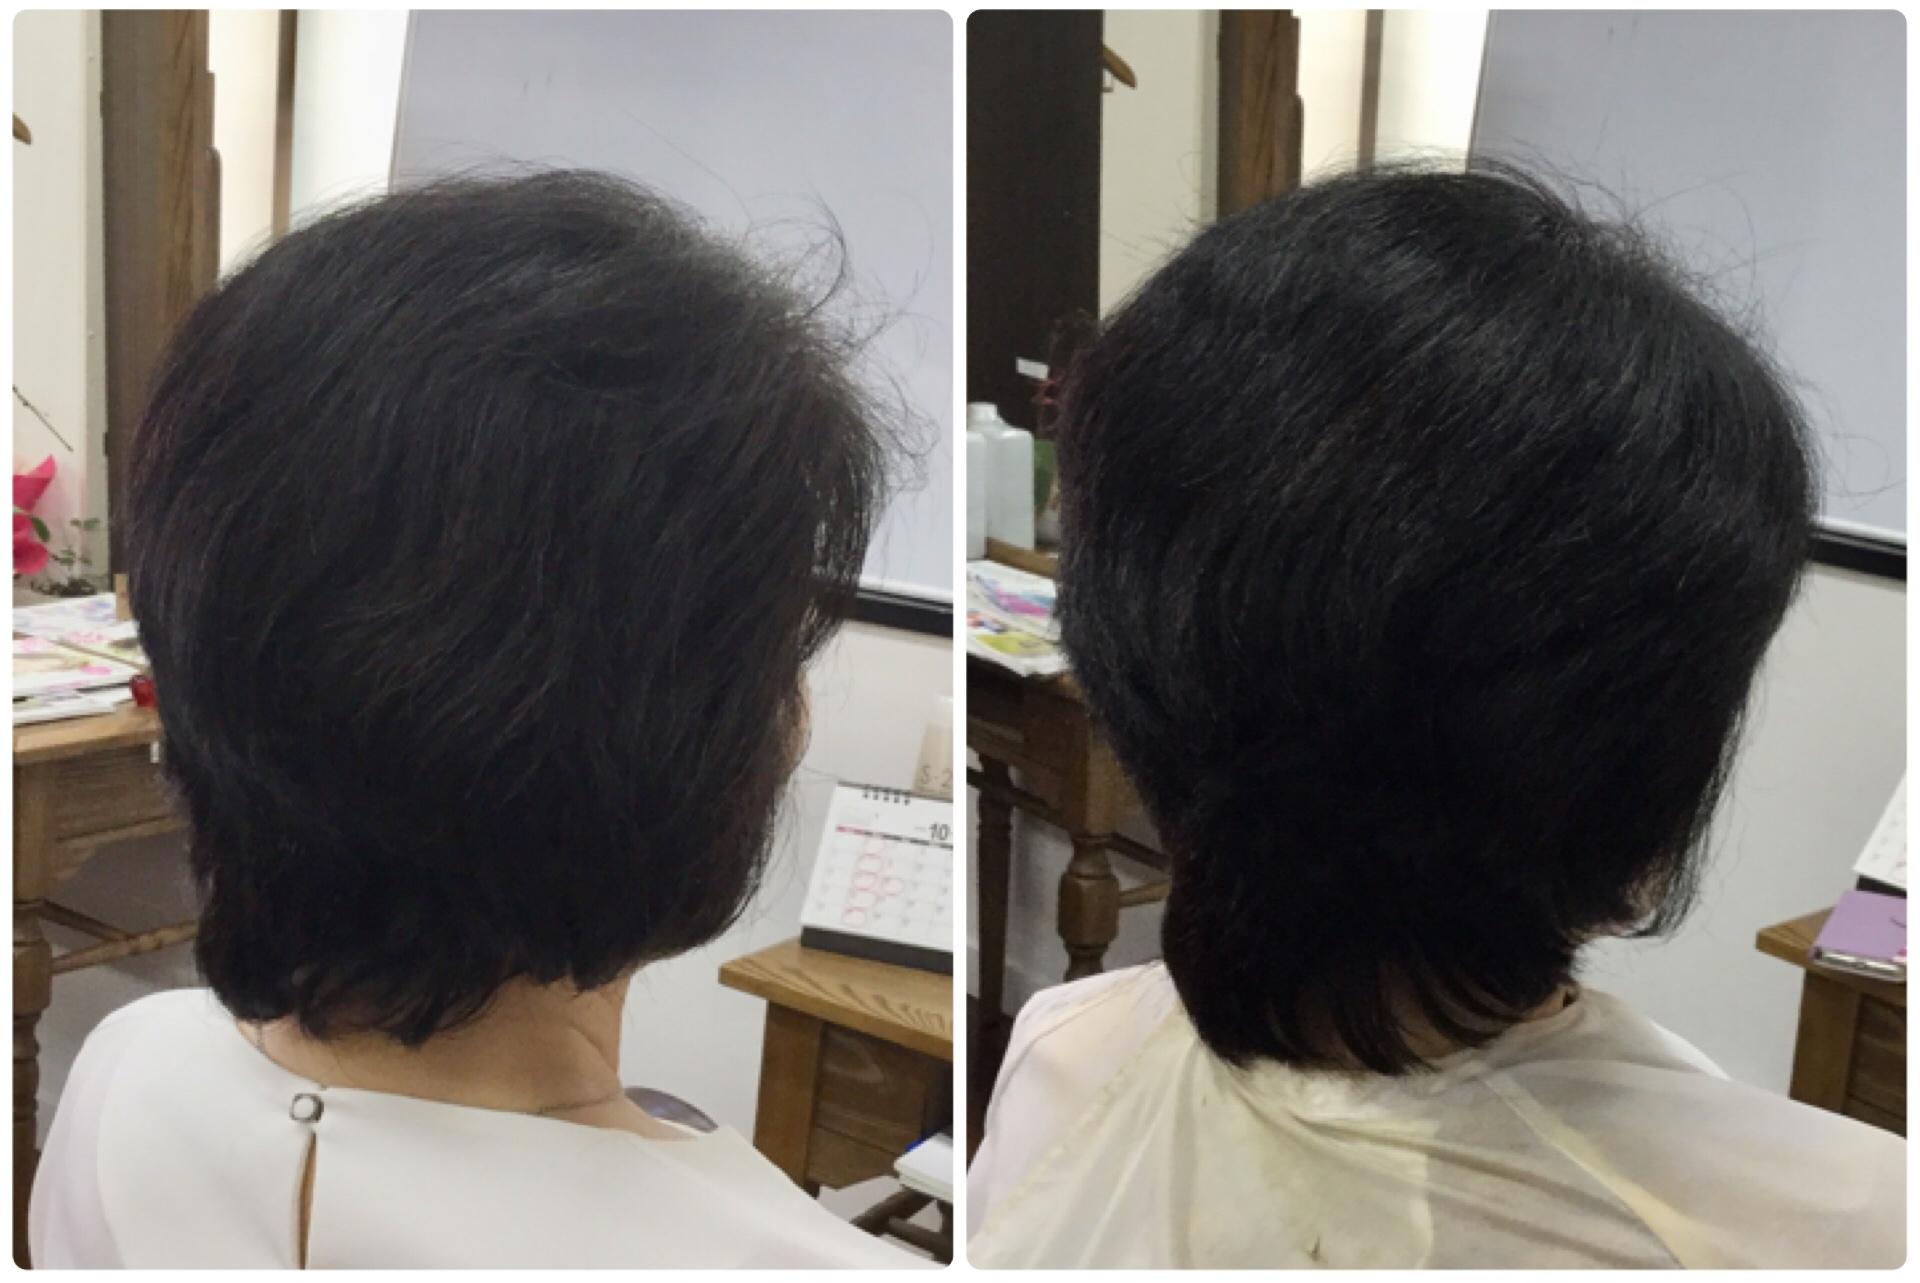 神戸西区くせ毛多毛で縮毛矯正をやめるなら神戸くせ毛専門美容室アバディ